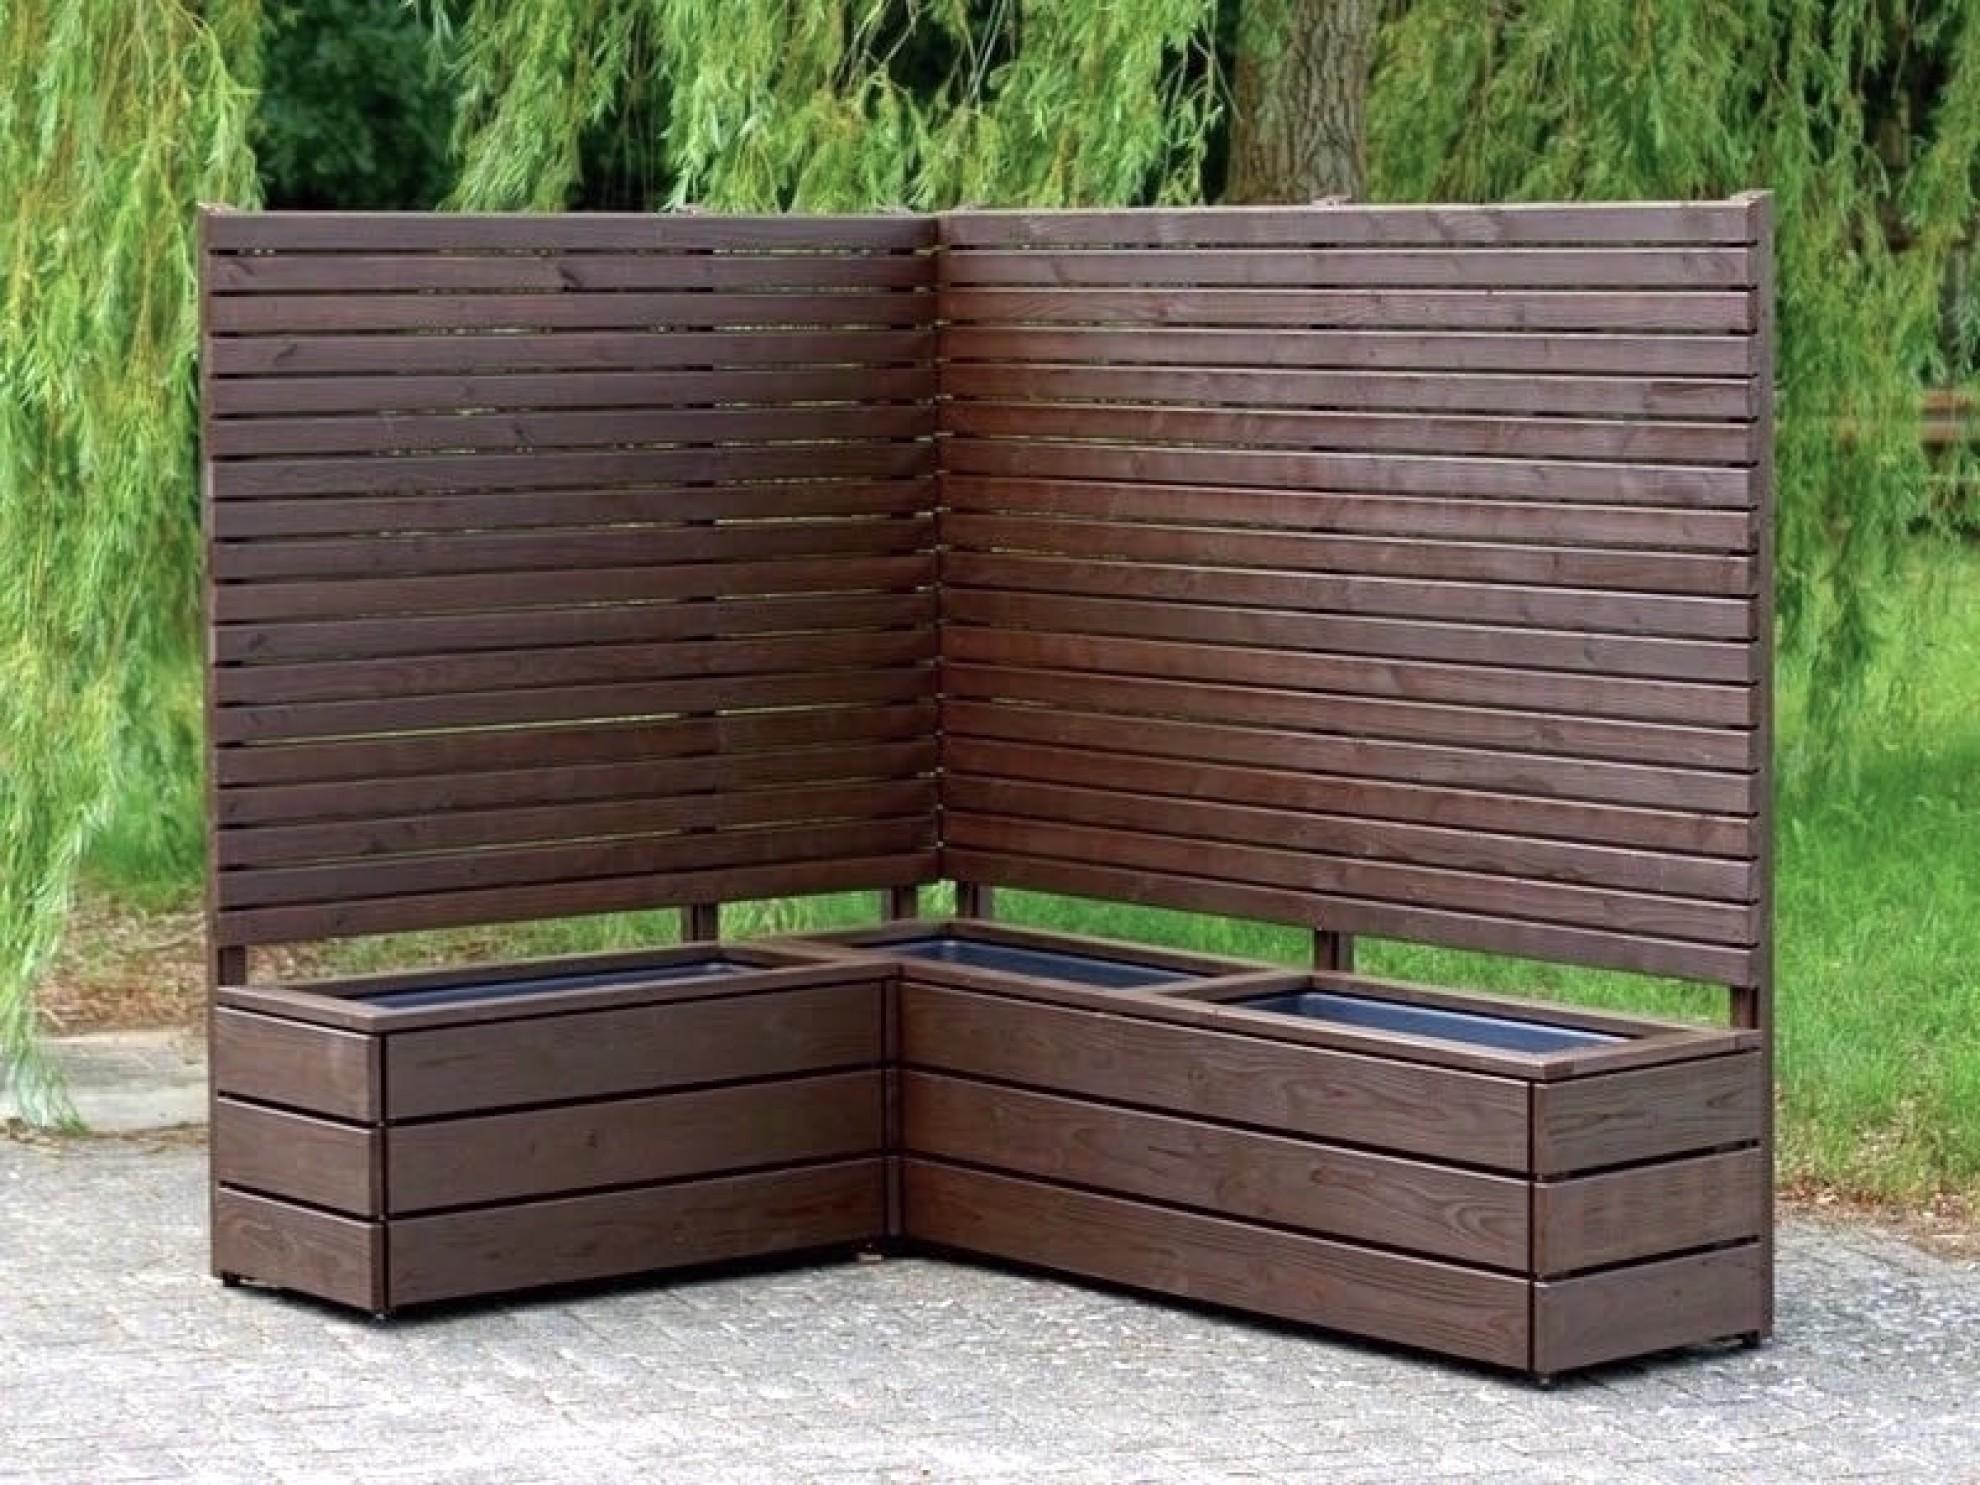 pflanzkasten ecke mit sichtschutz heimisches holz made in germany. Black Bedroom Furniture Sets. Home Design Ideas